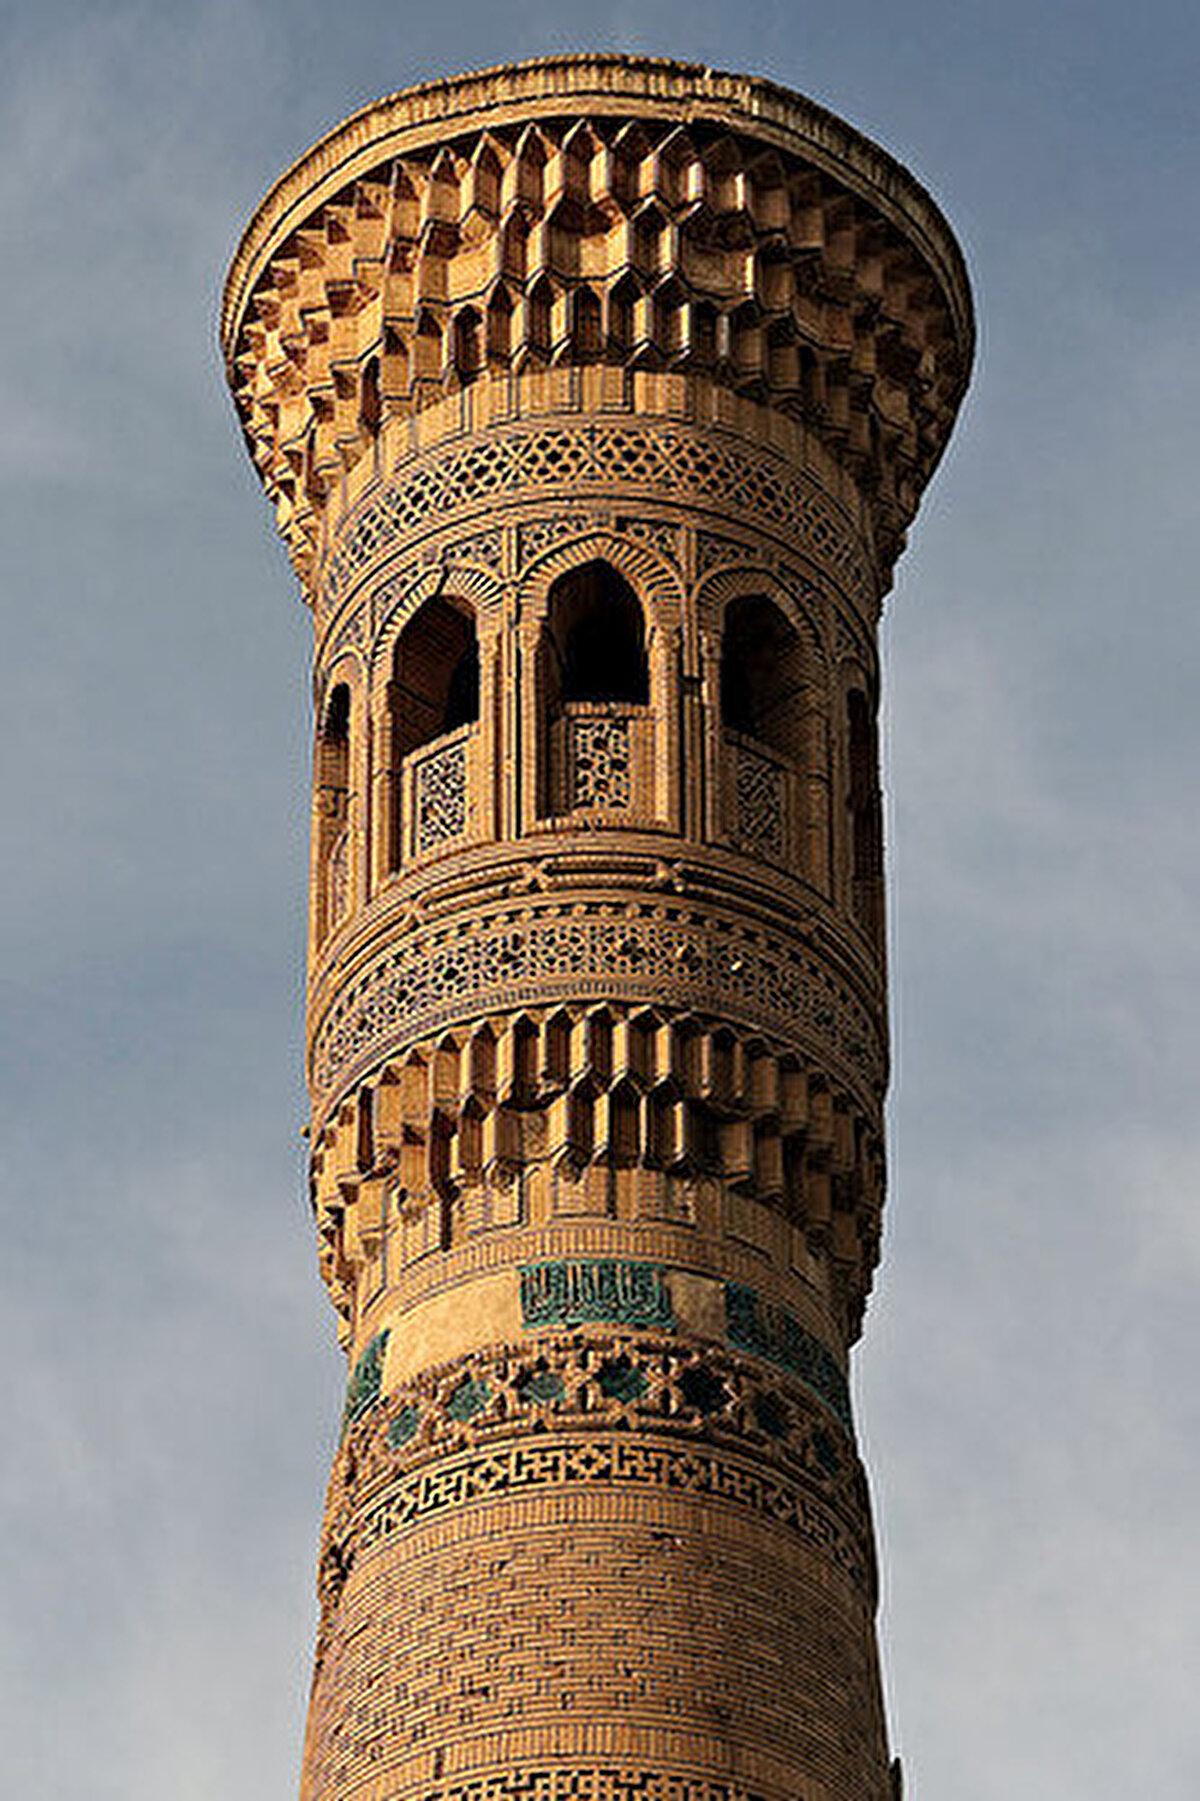 Minarenin kaide kısmının bir bölümü toprak altında kalmıştır. Bu haliyle 39 m'dir. Orijinal yüksekliğinin yaklaşık 41m olduğu düşünülmektedir.